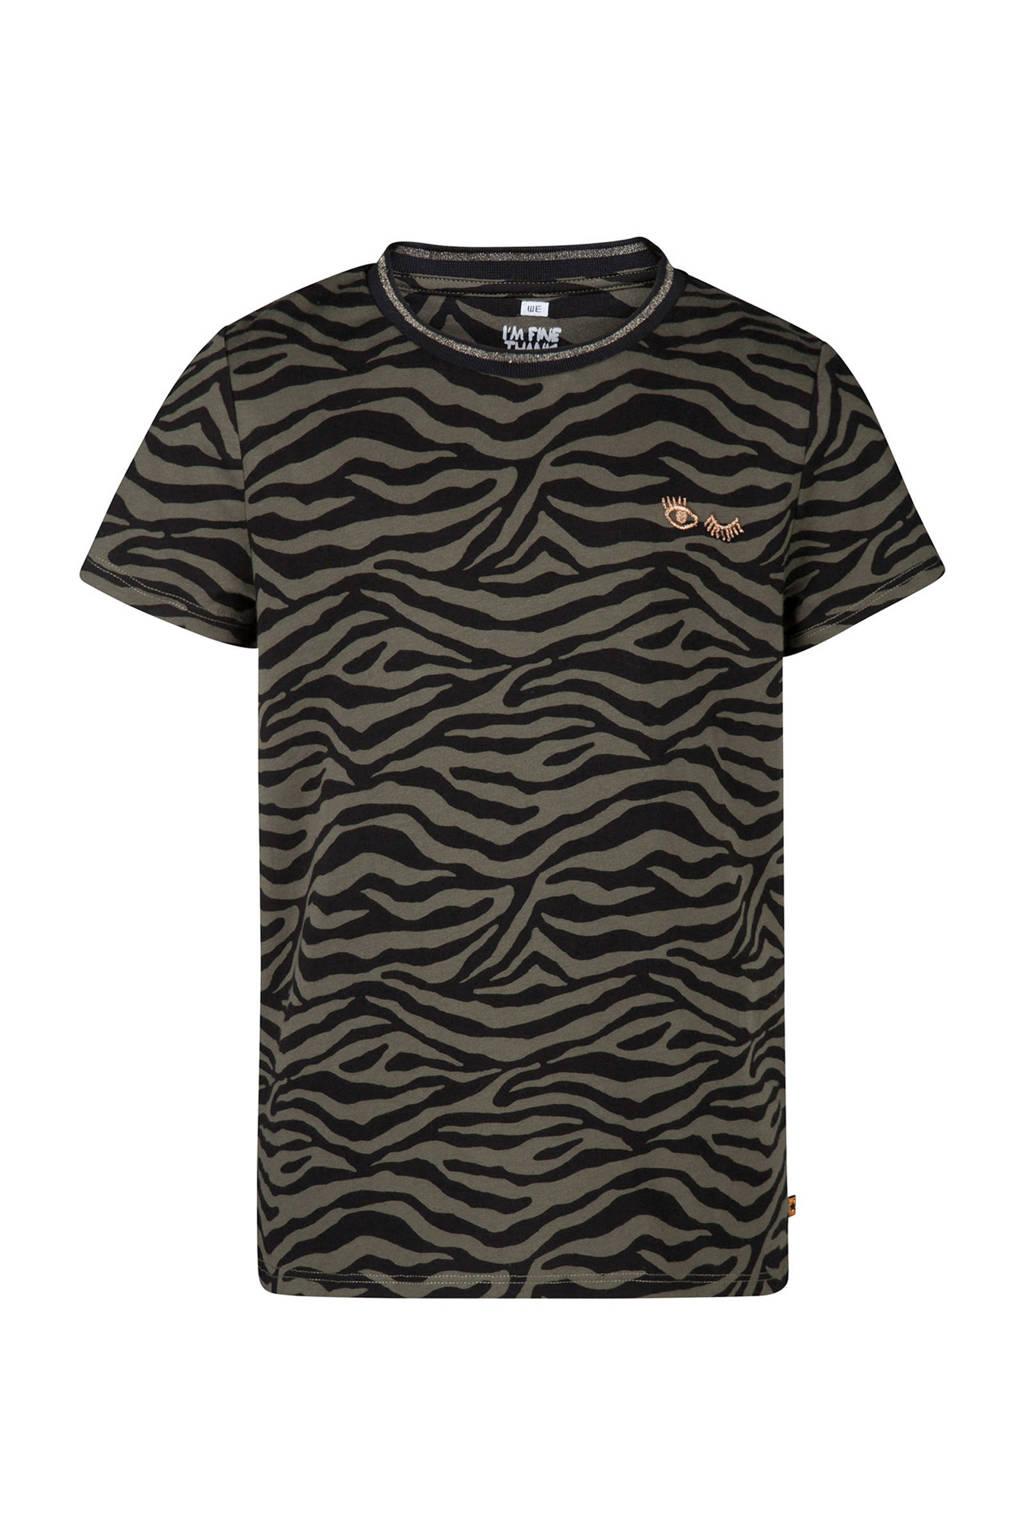 WE Fashion T-shirt met zebraprint kaki, Kaki